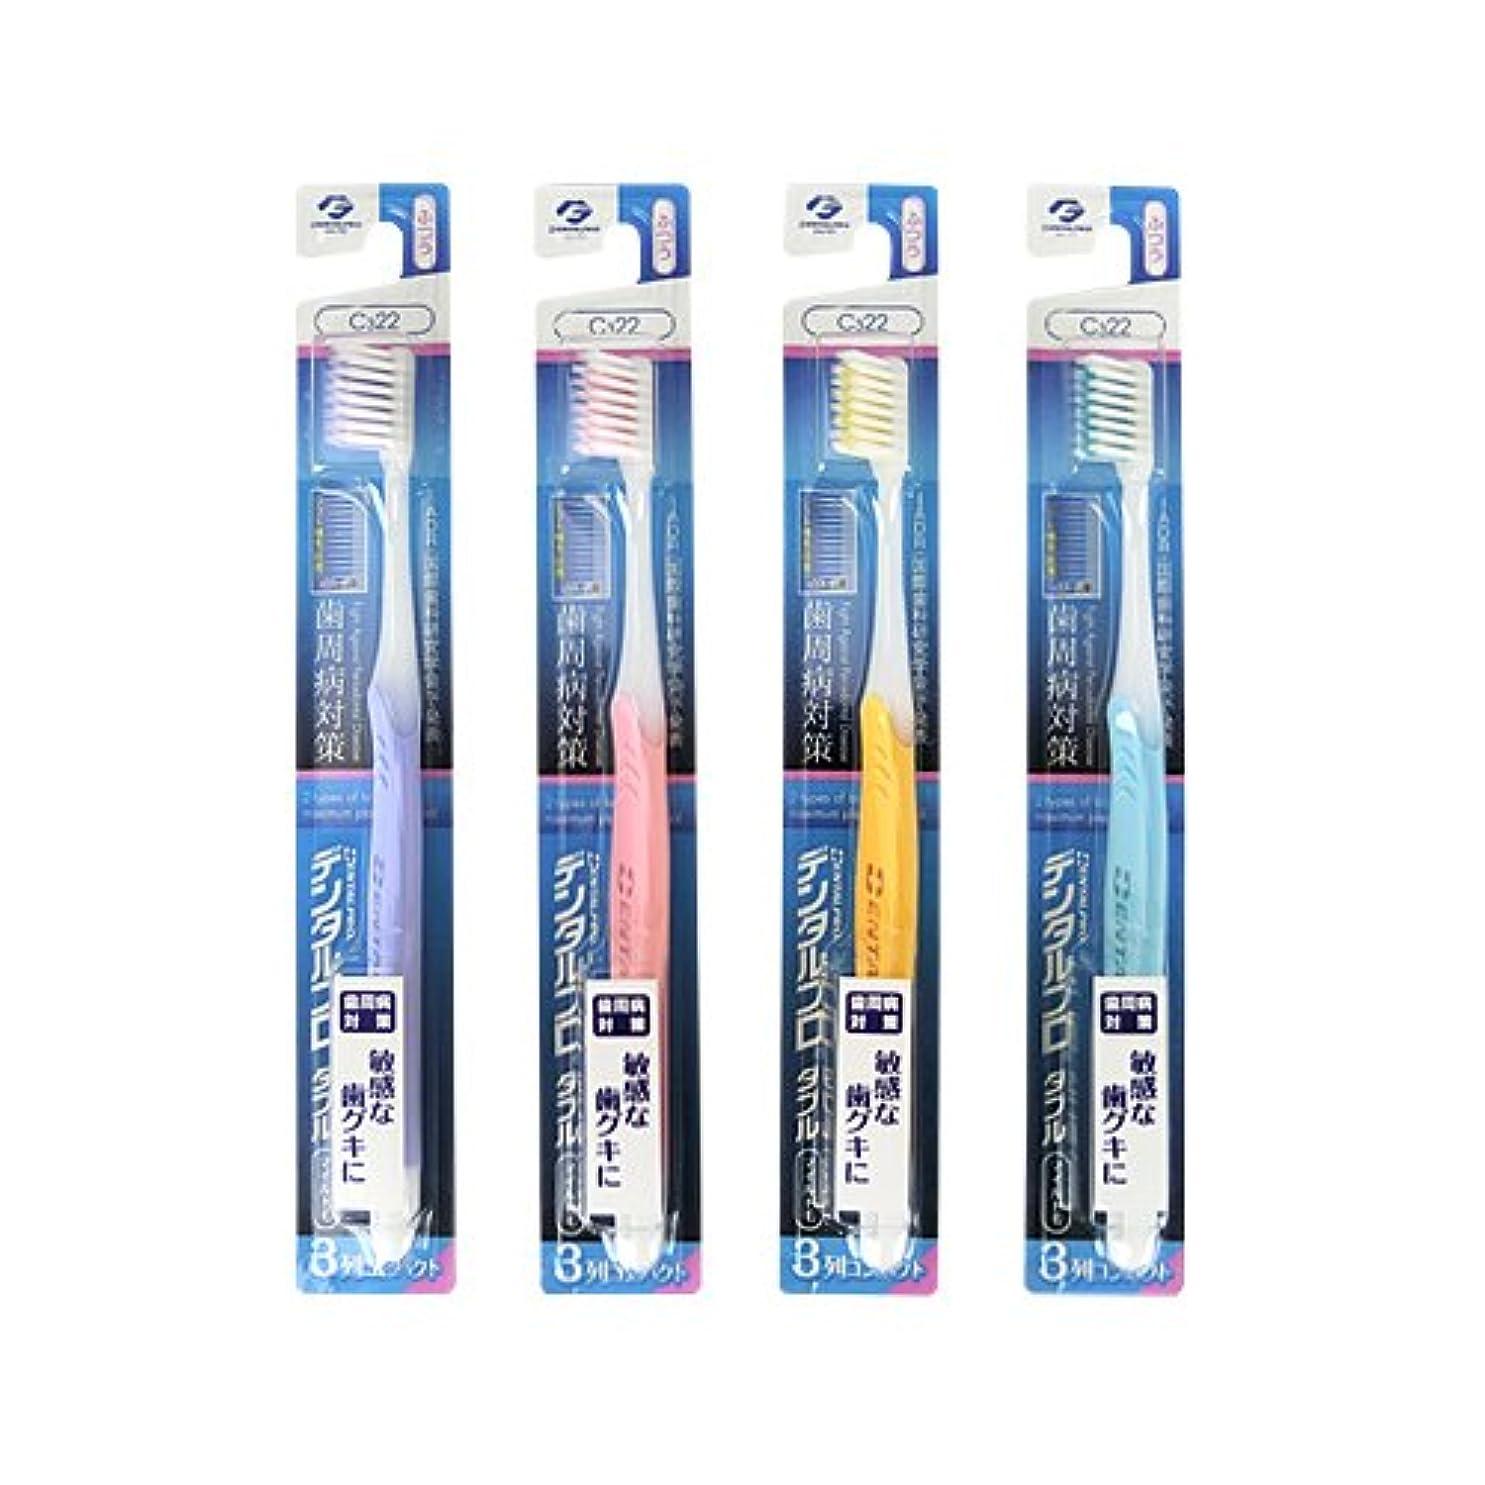 輝度ティッシュ高価なデンタルプロ ダブル マイルド 3列 歯ブラシ 1本 ふつう カラー指定なし